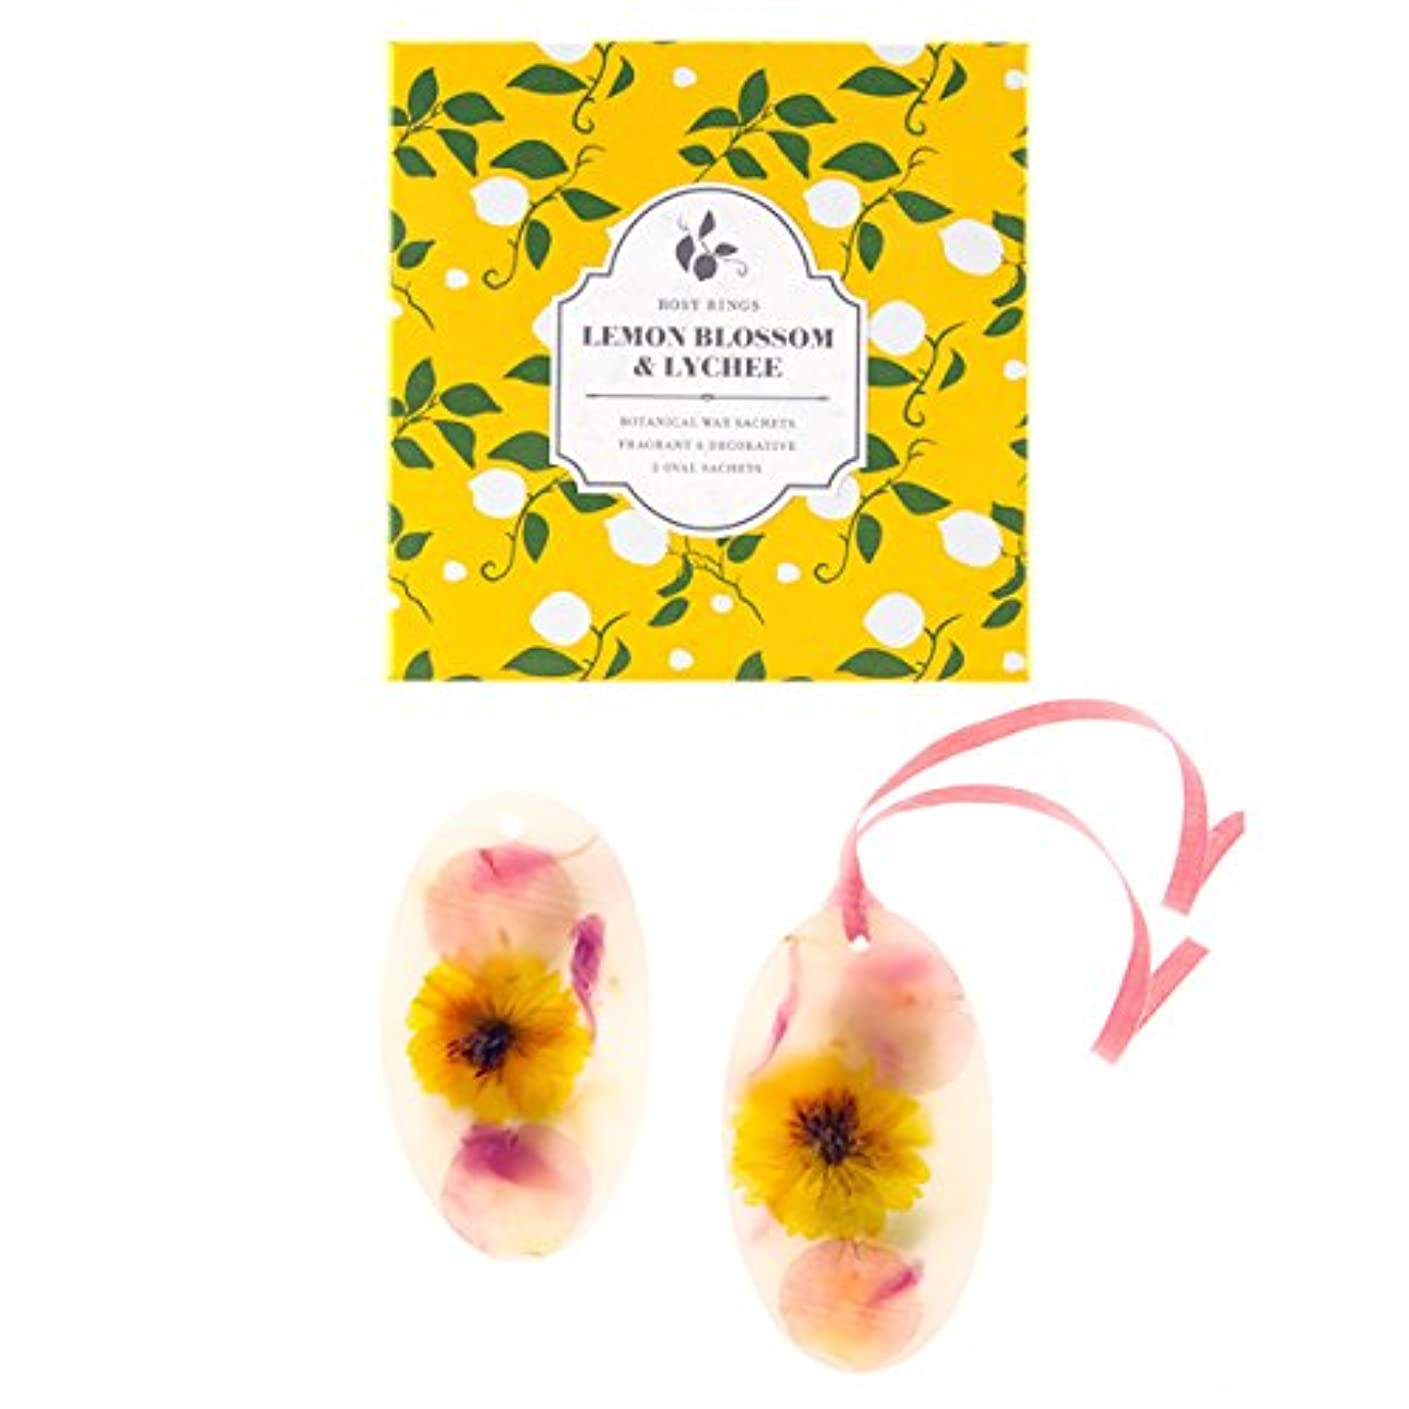 絞る群衆機会ロージーリングス ボタニカルワックスサシェ オーバル レモンブロッサム&ライチ ROSY RINGS Signature Collection Botanical Wax Sachets – Lemon Blossom...